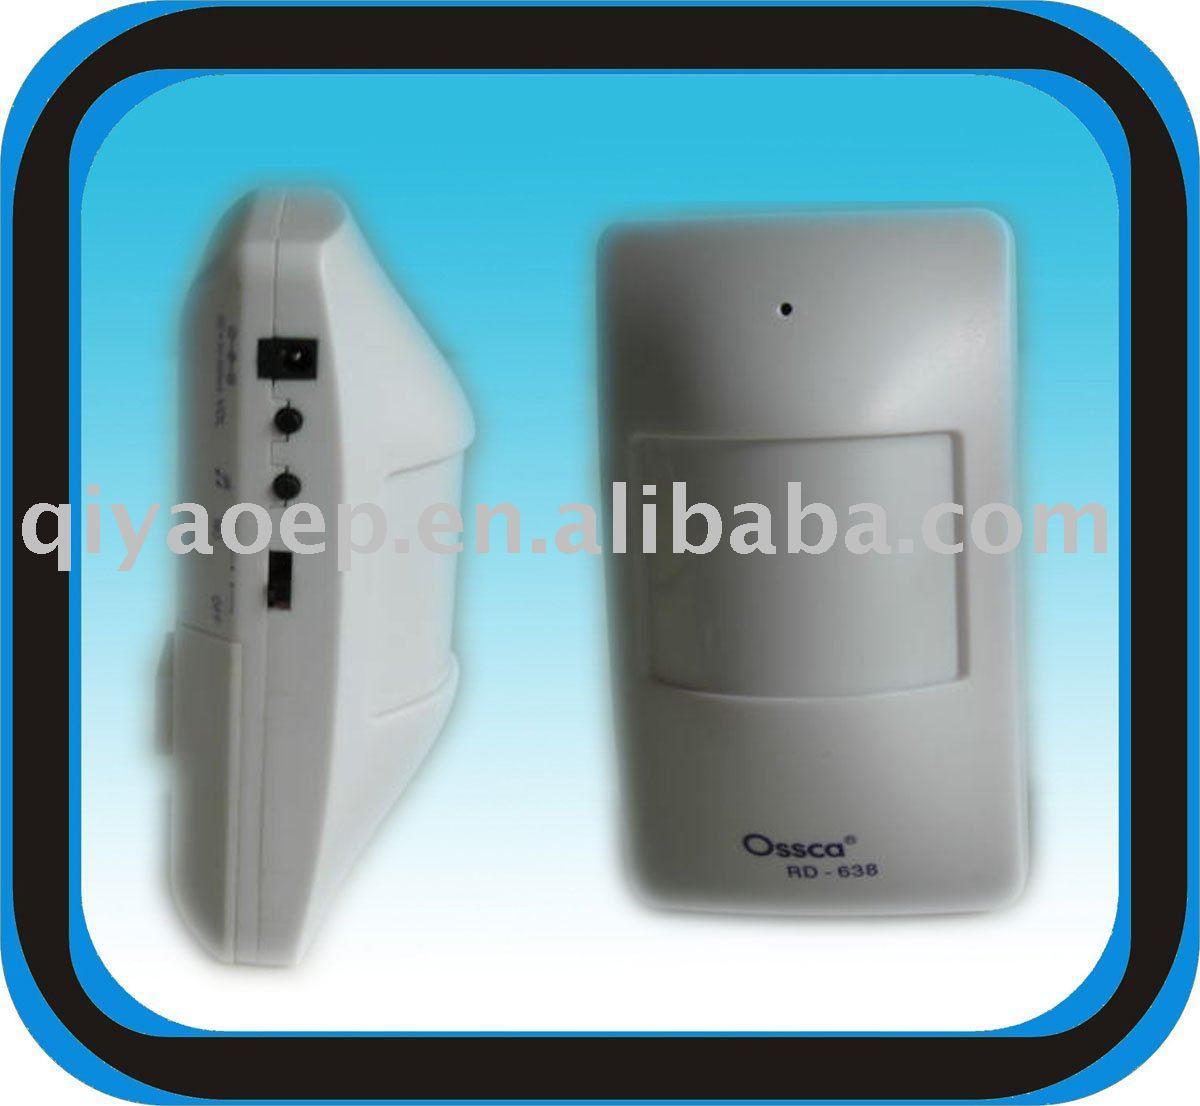 Wireless Arabic Door Bell, Wireless Arabic Door Bell Suppliers and ...